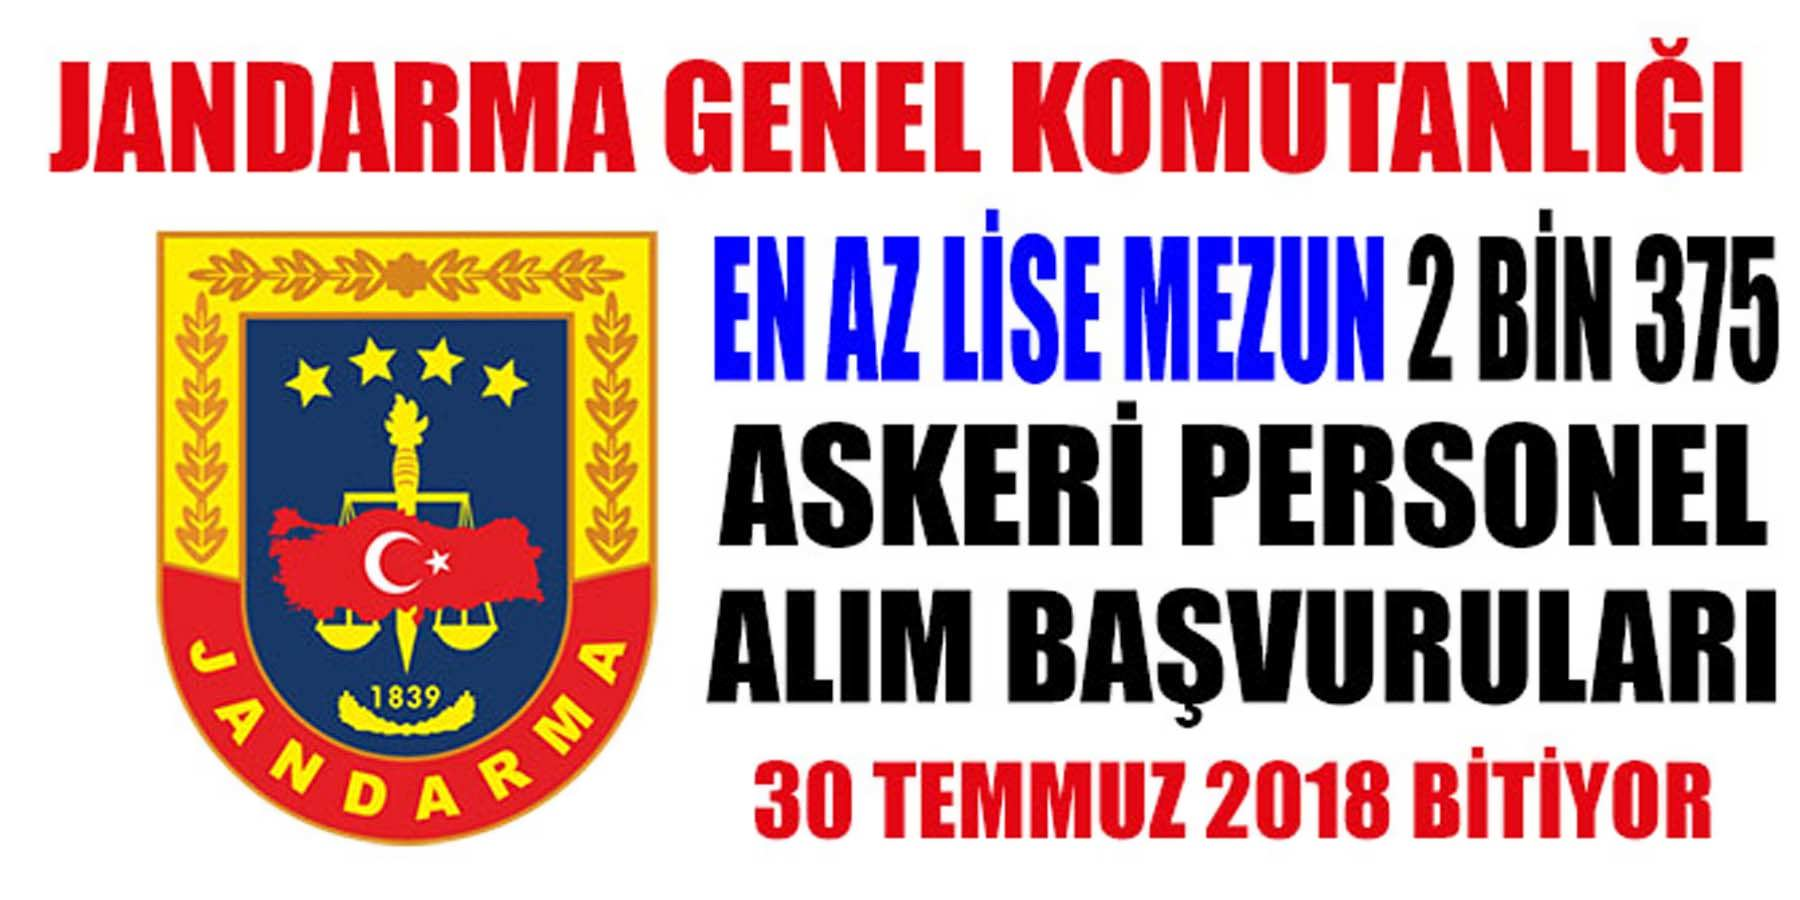 Jandarma 2 Bin 375 Askeri Personel Alım Başvuruları Bitiyor